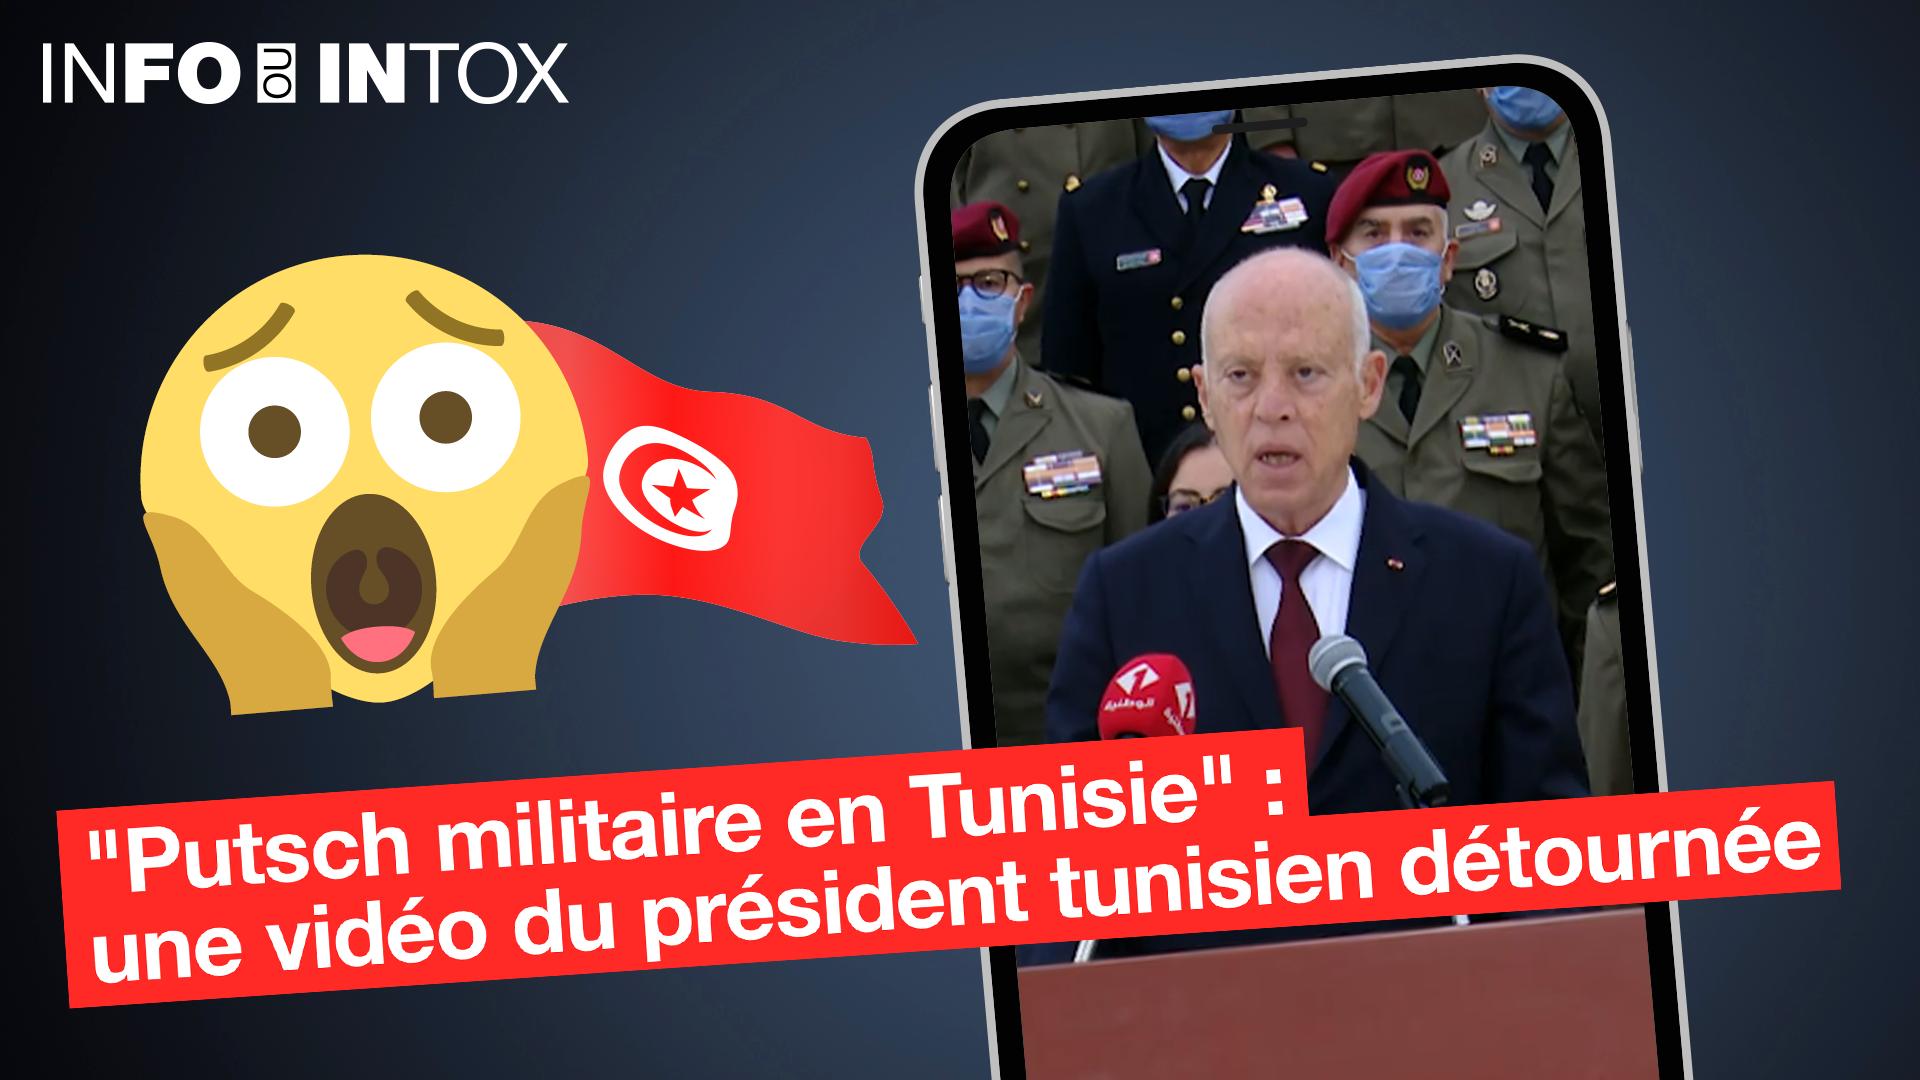 info-intox-putsch-tunisie-vignette-video-1920x1080